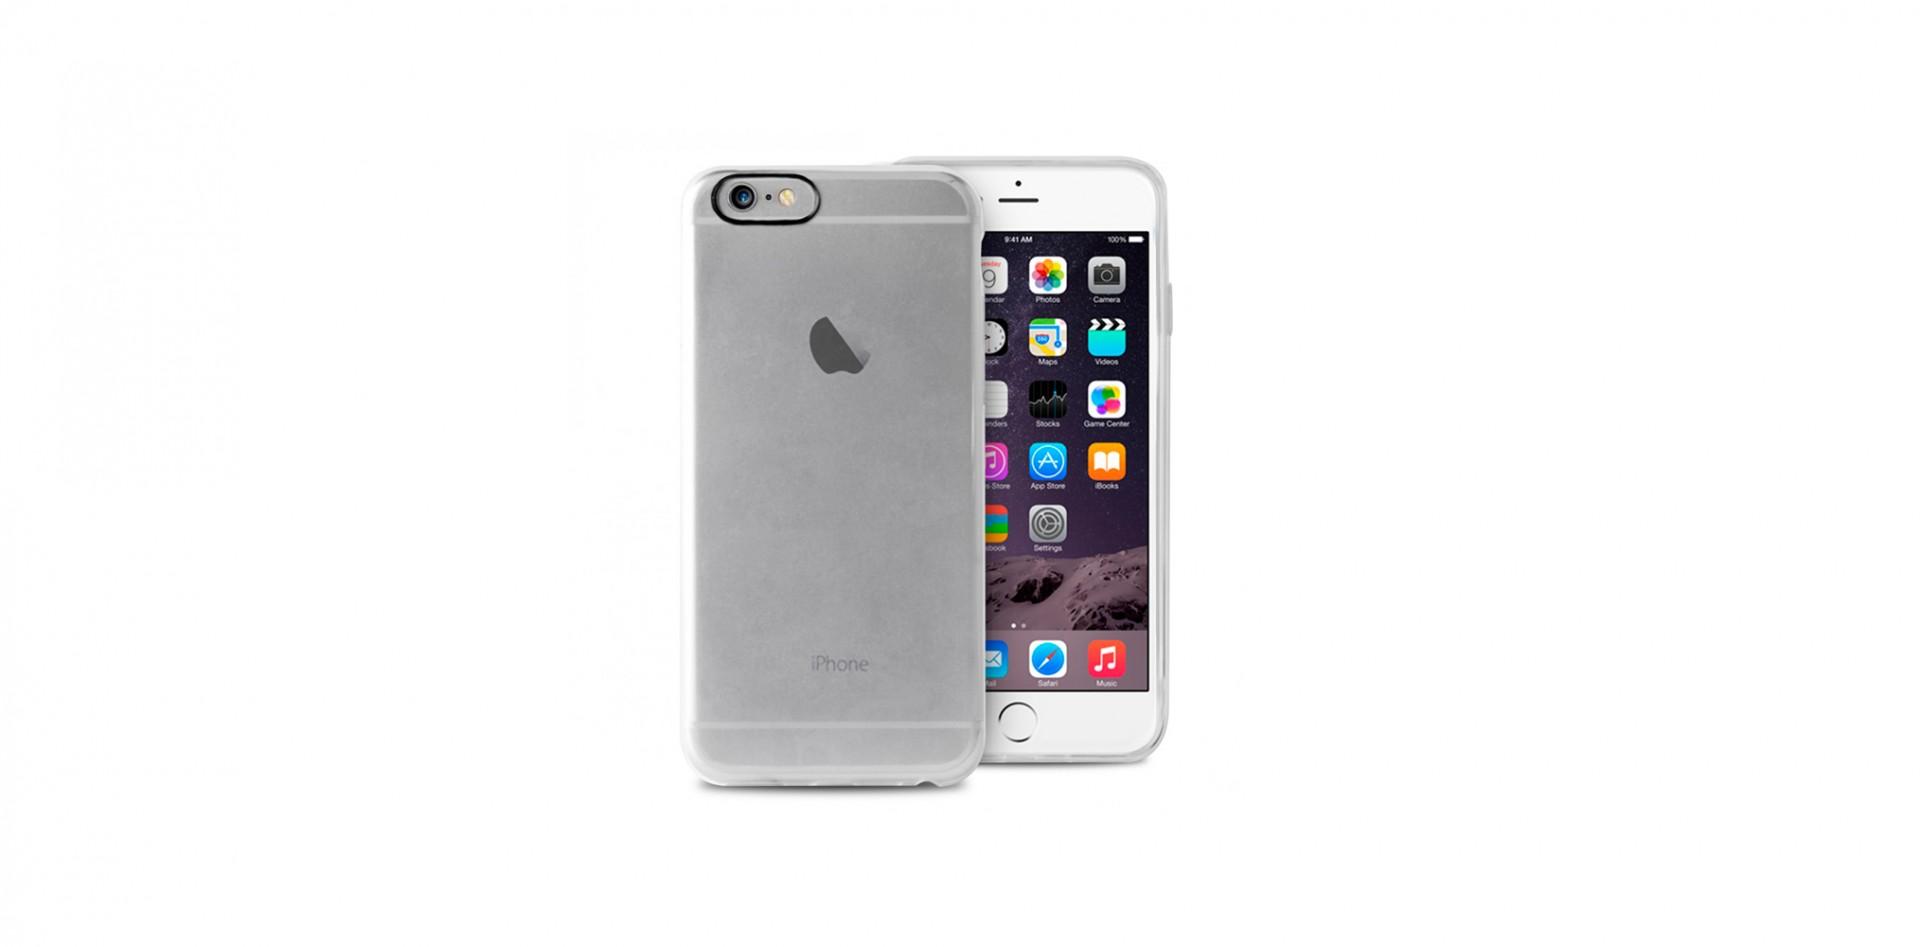 3648c252d51e2 iPhone 6 6S Capa Silicone Transparente Plasma PURO   iCare-market ...